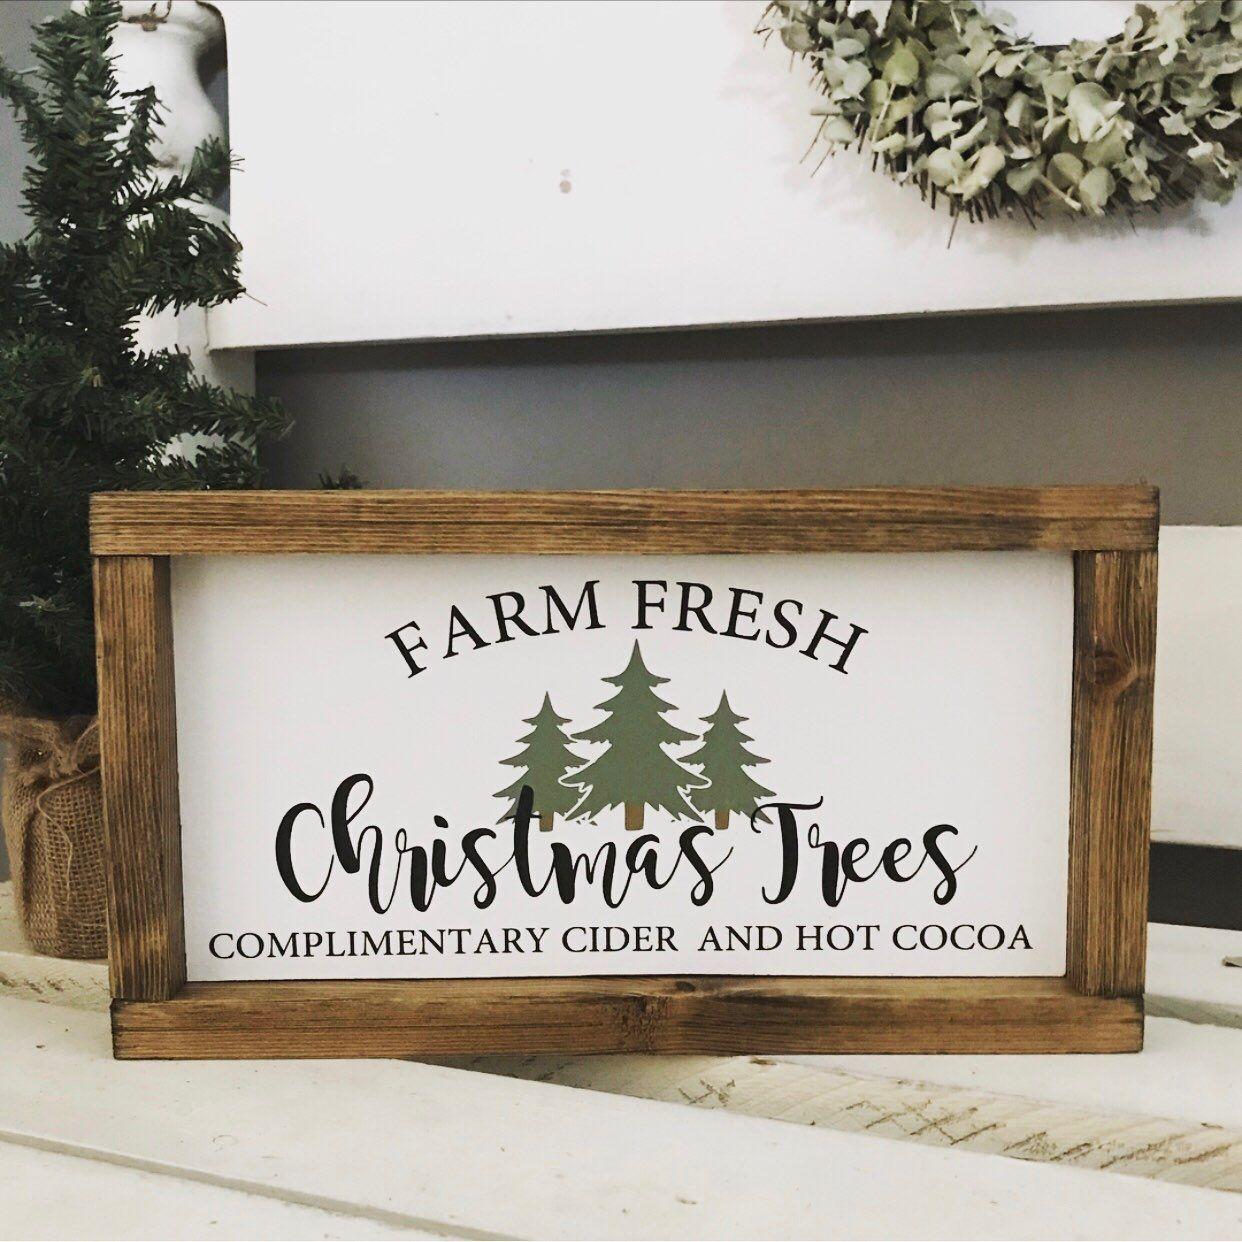 Christmas Tree Wood Sign Mercari Buy Sell Things You Love Christmas Signs Wood Christmas Signs Fresh Christmas Trees